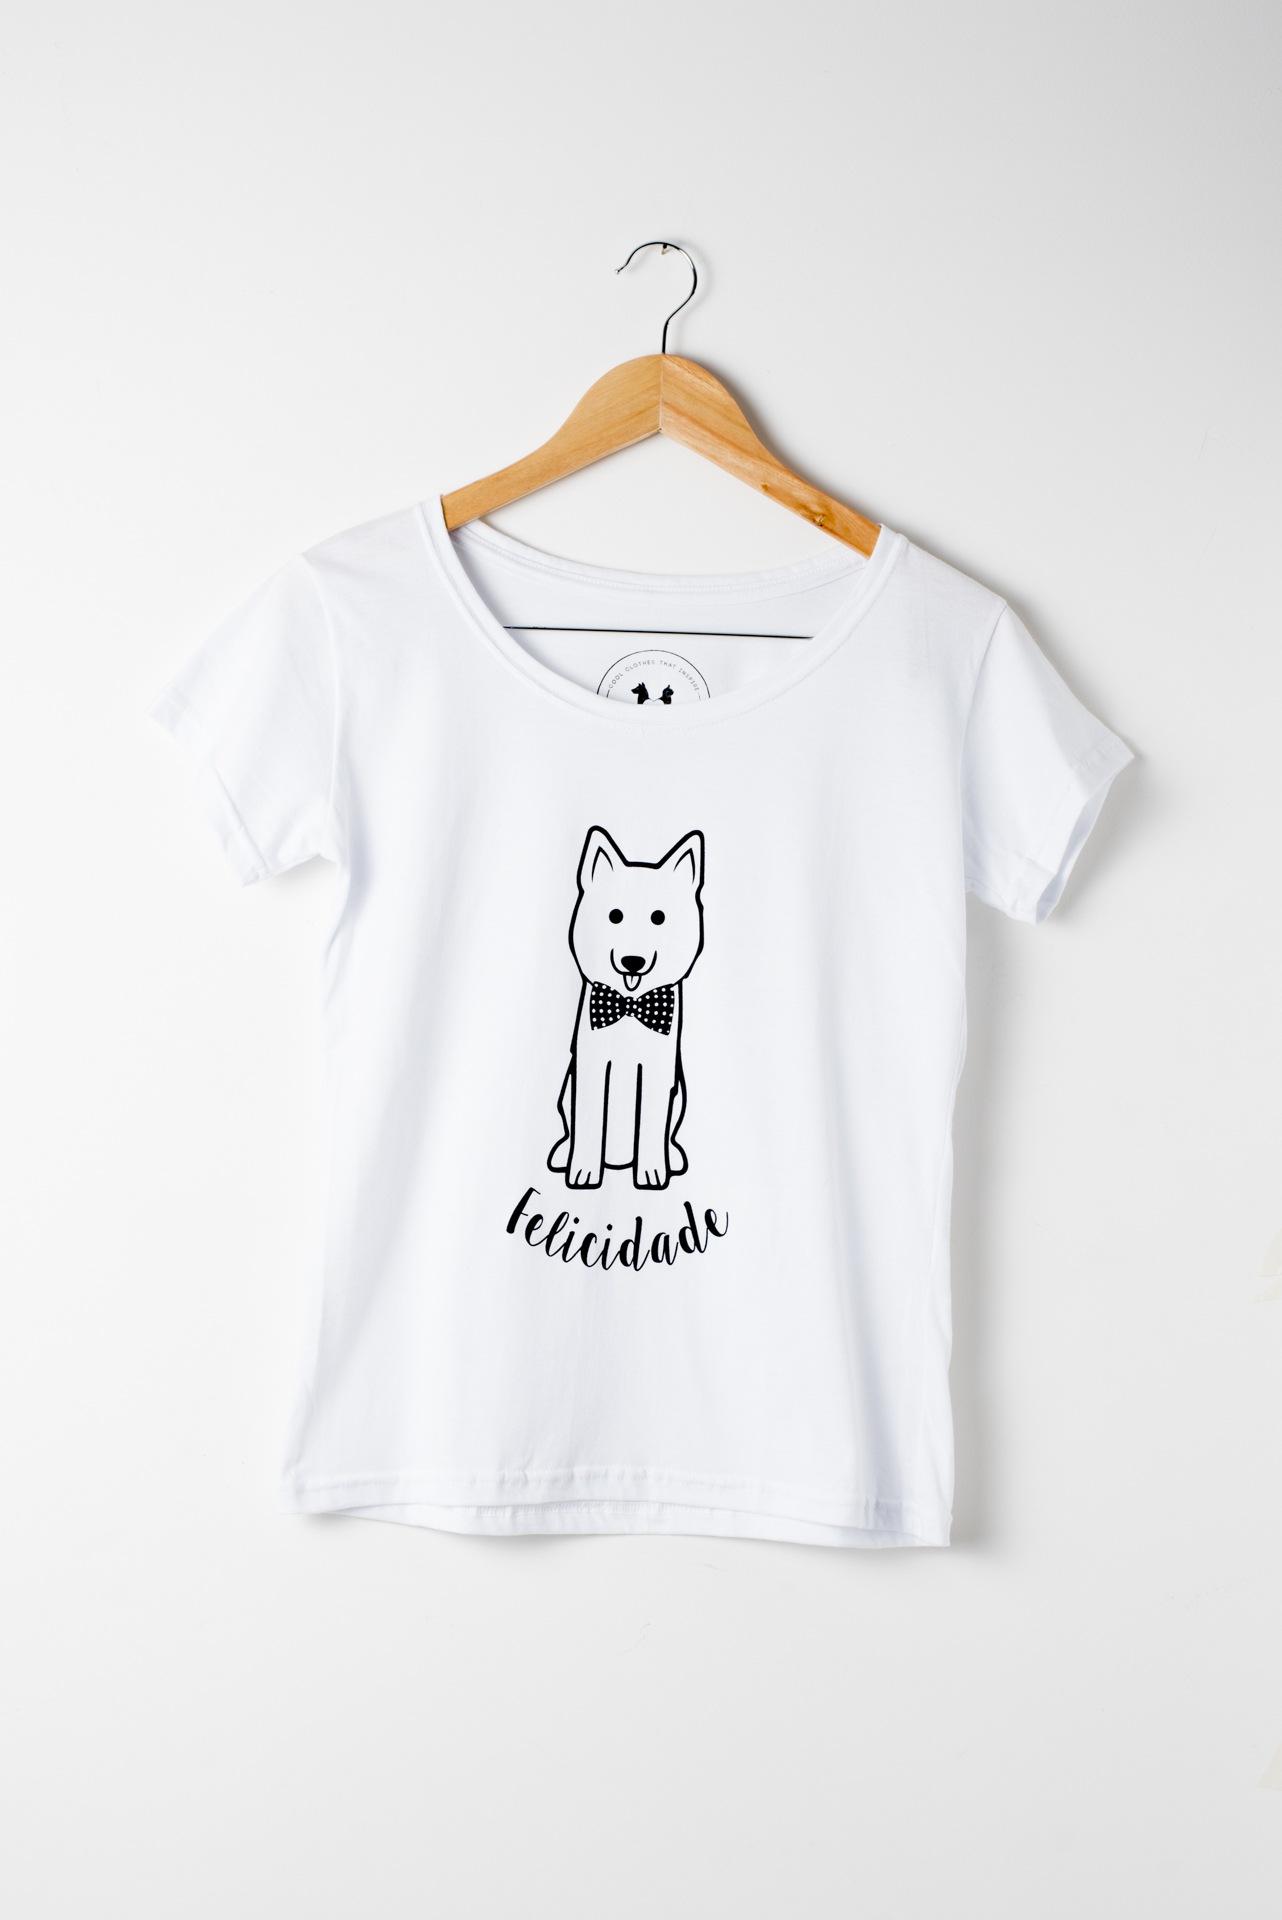 T-Shirt Felicidade - Felicis